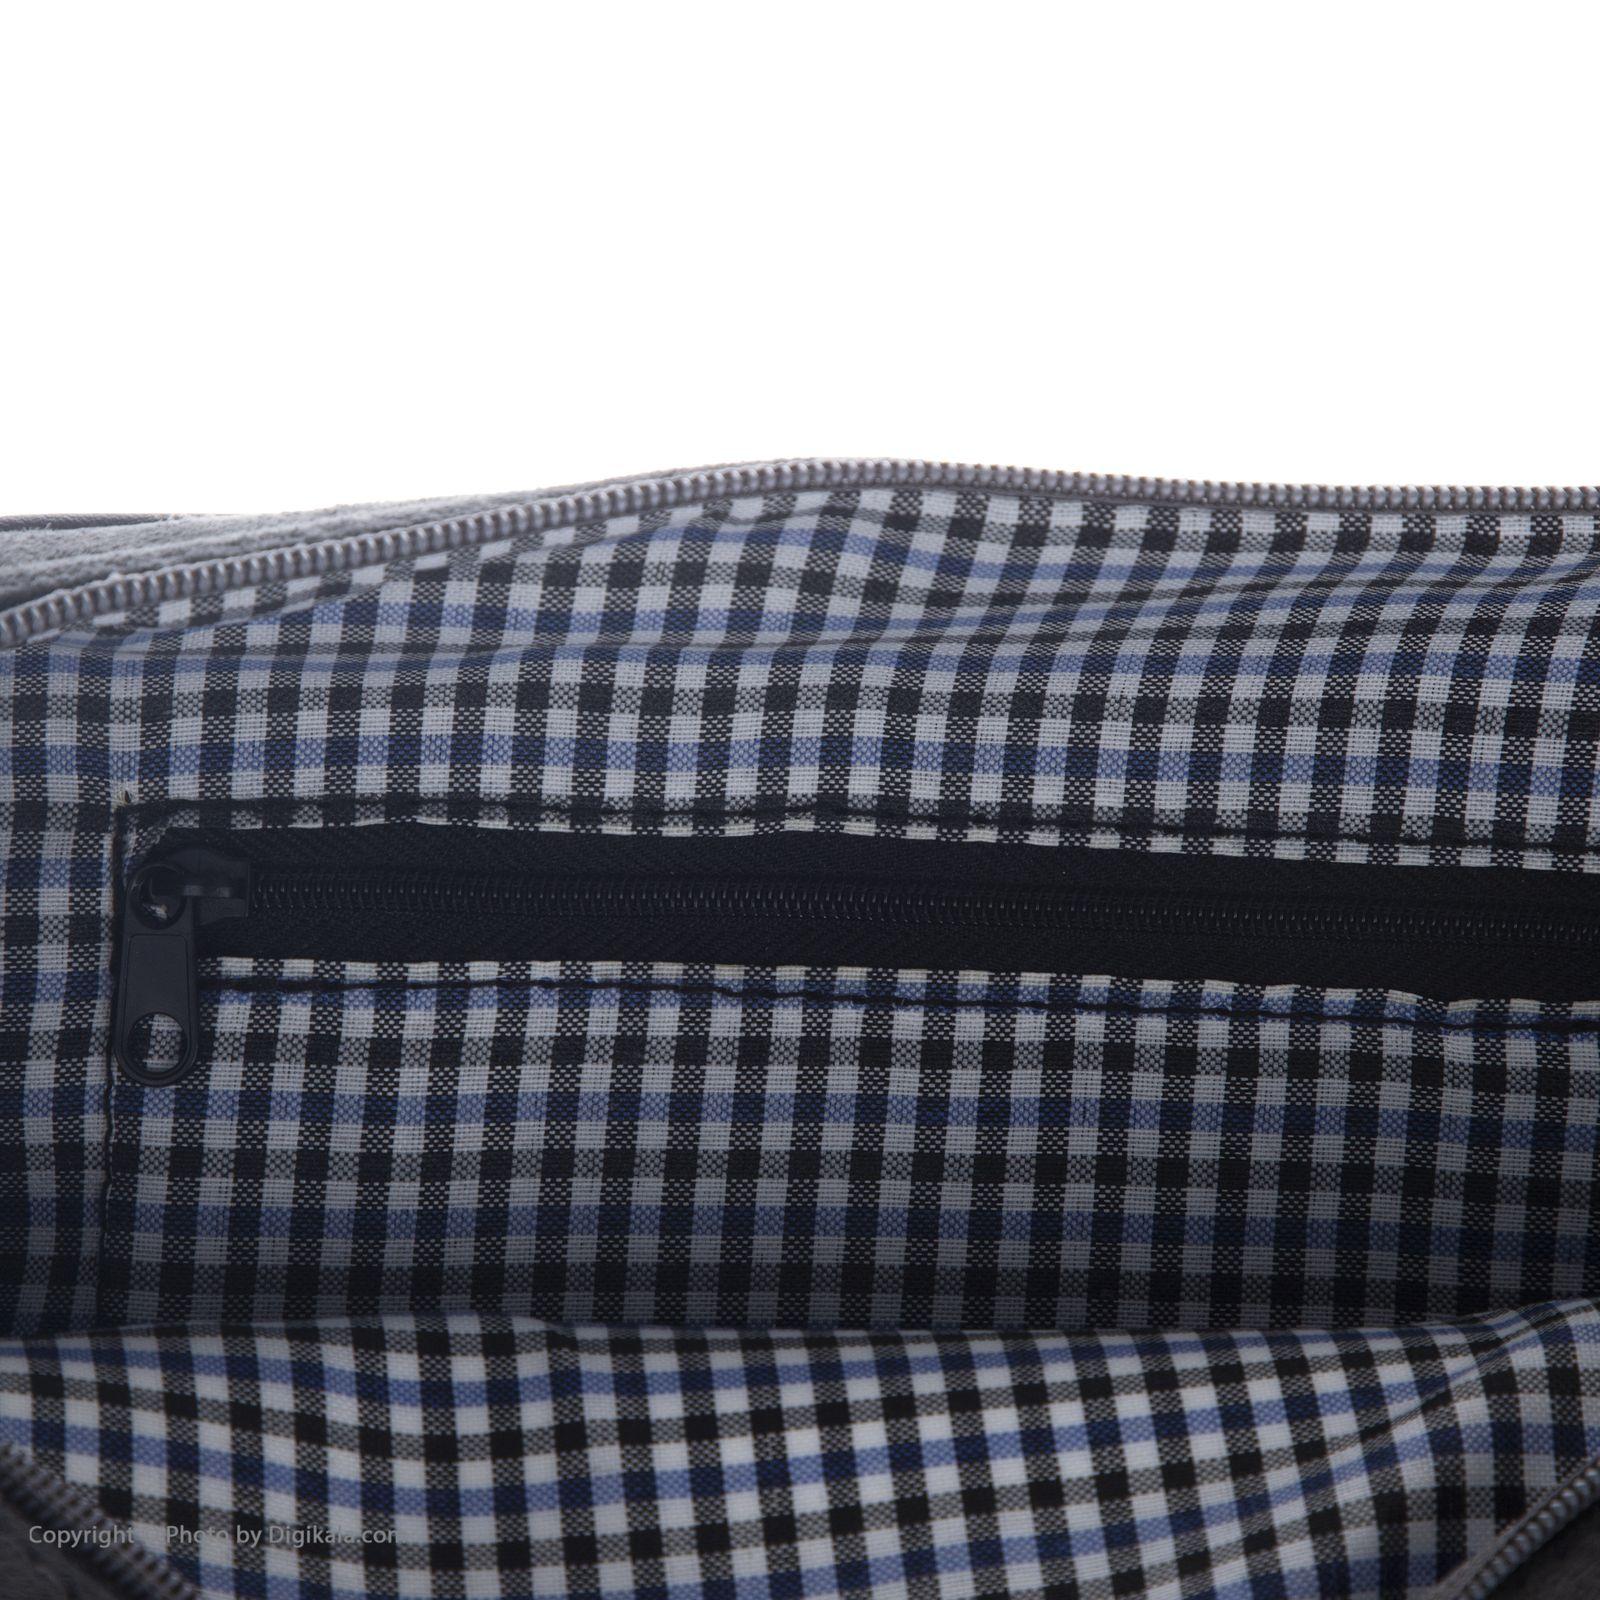 کیف رودوشی زنانه میو مدل MBSP122 -  - 4